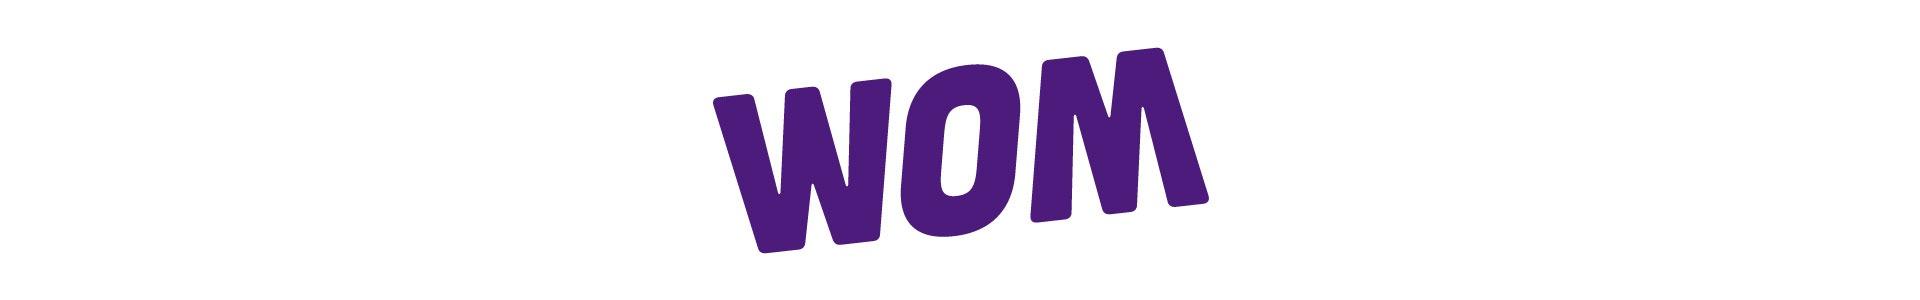 banner-wom